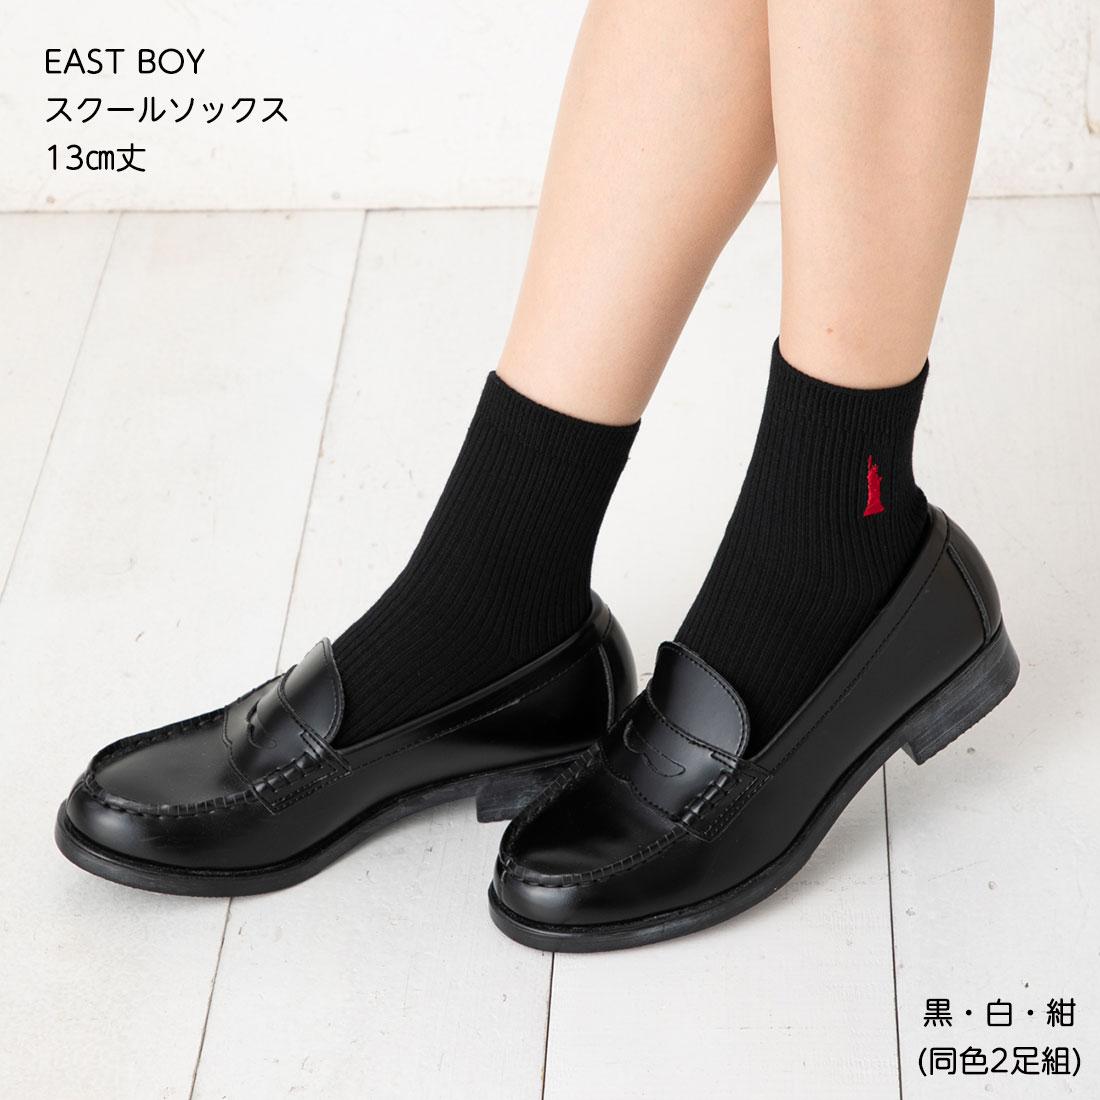 2足セット 発売モデル EAST BOY 13cm丈 スクールソックス 片面刺繍 紺 イーストボーイ 23-25cm 白 靴下 黒 セール品